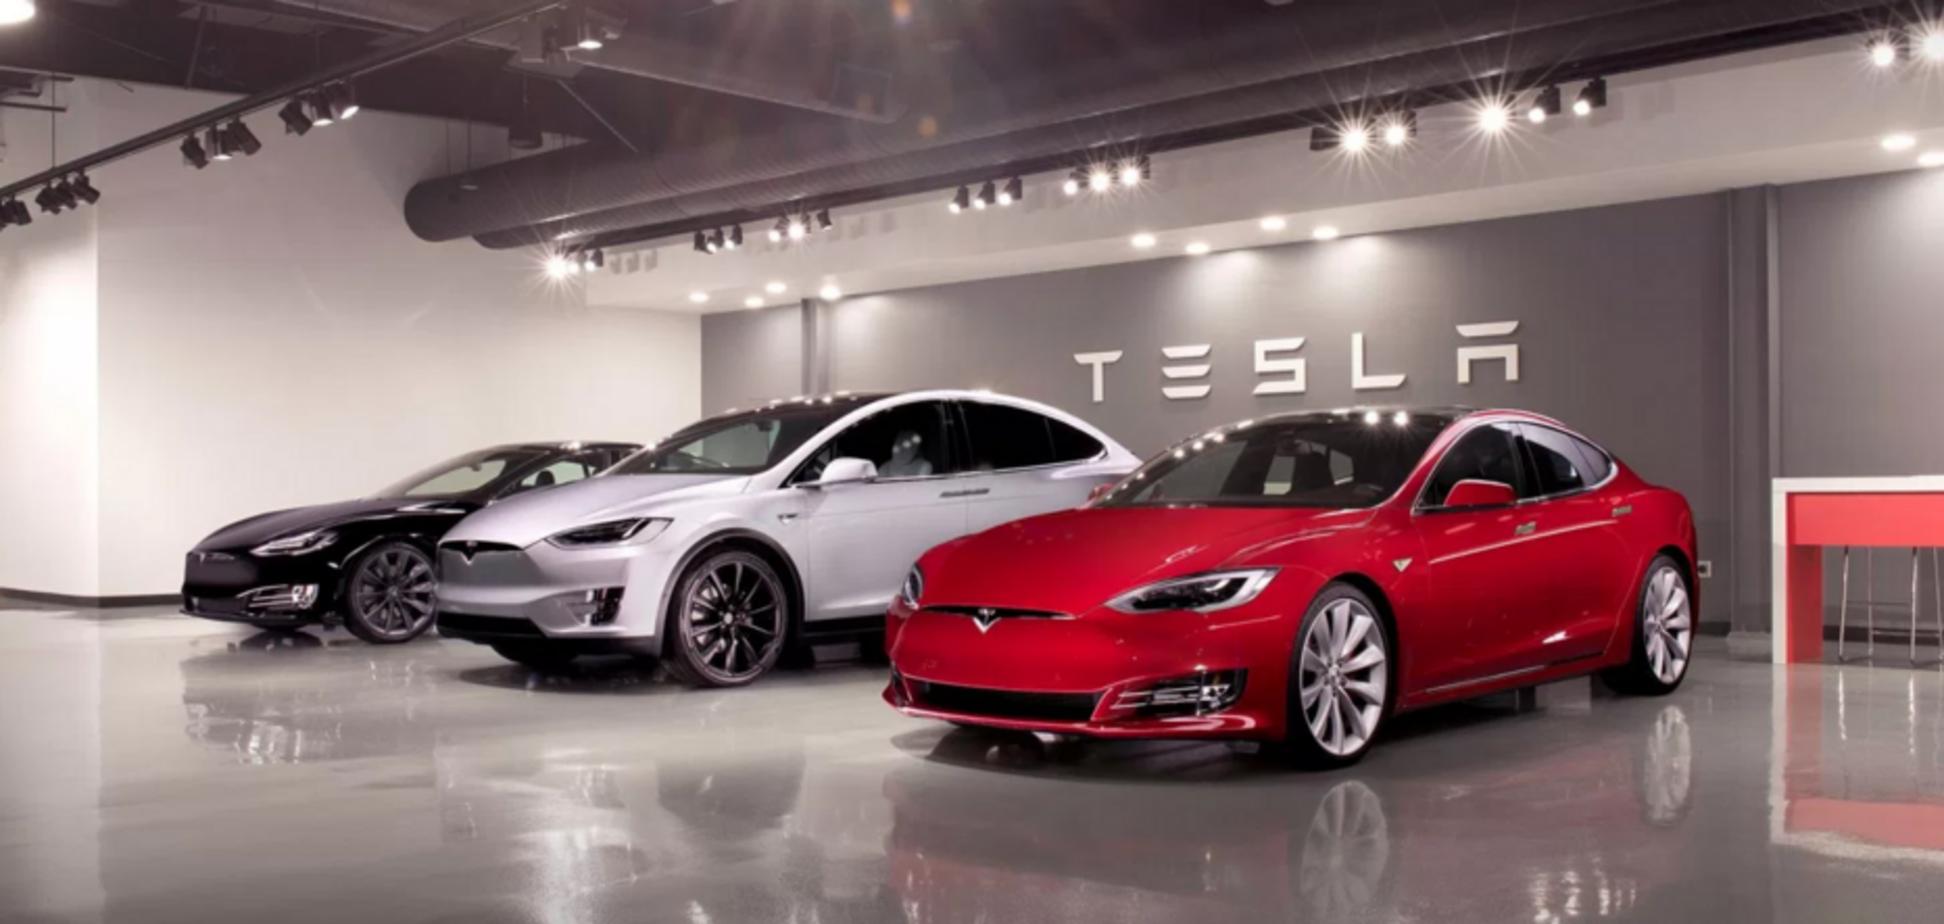 Tesla предложила взломать свои авто за крупную сумму: хакеры получат ряд испытаний